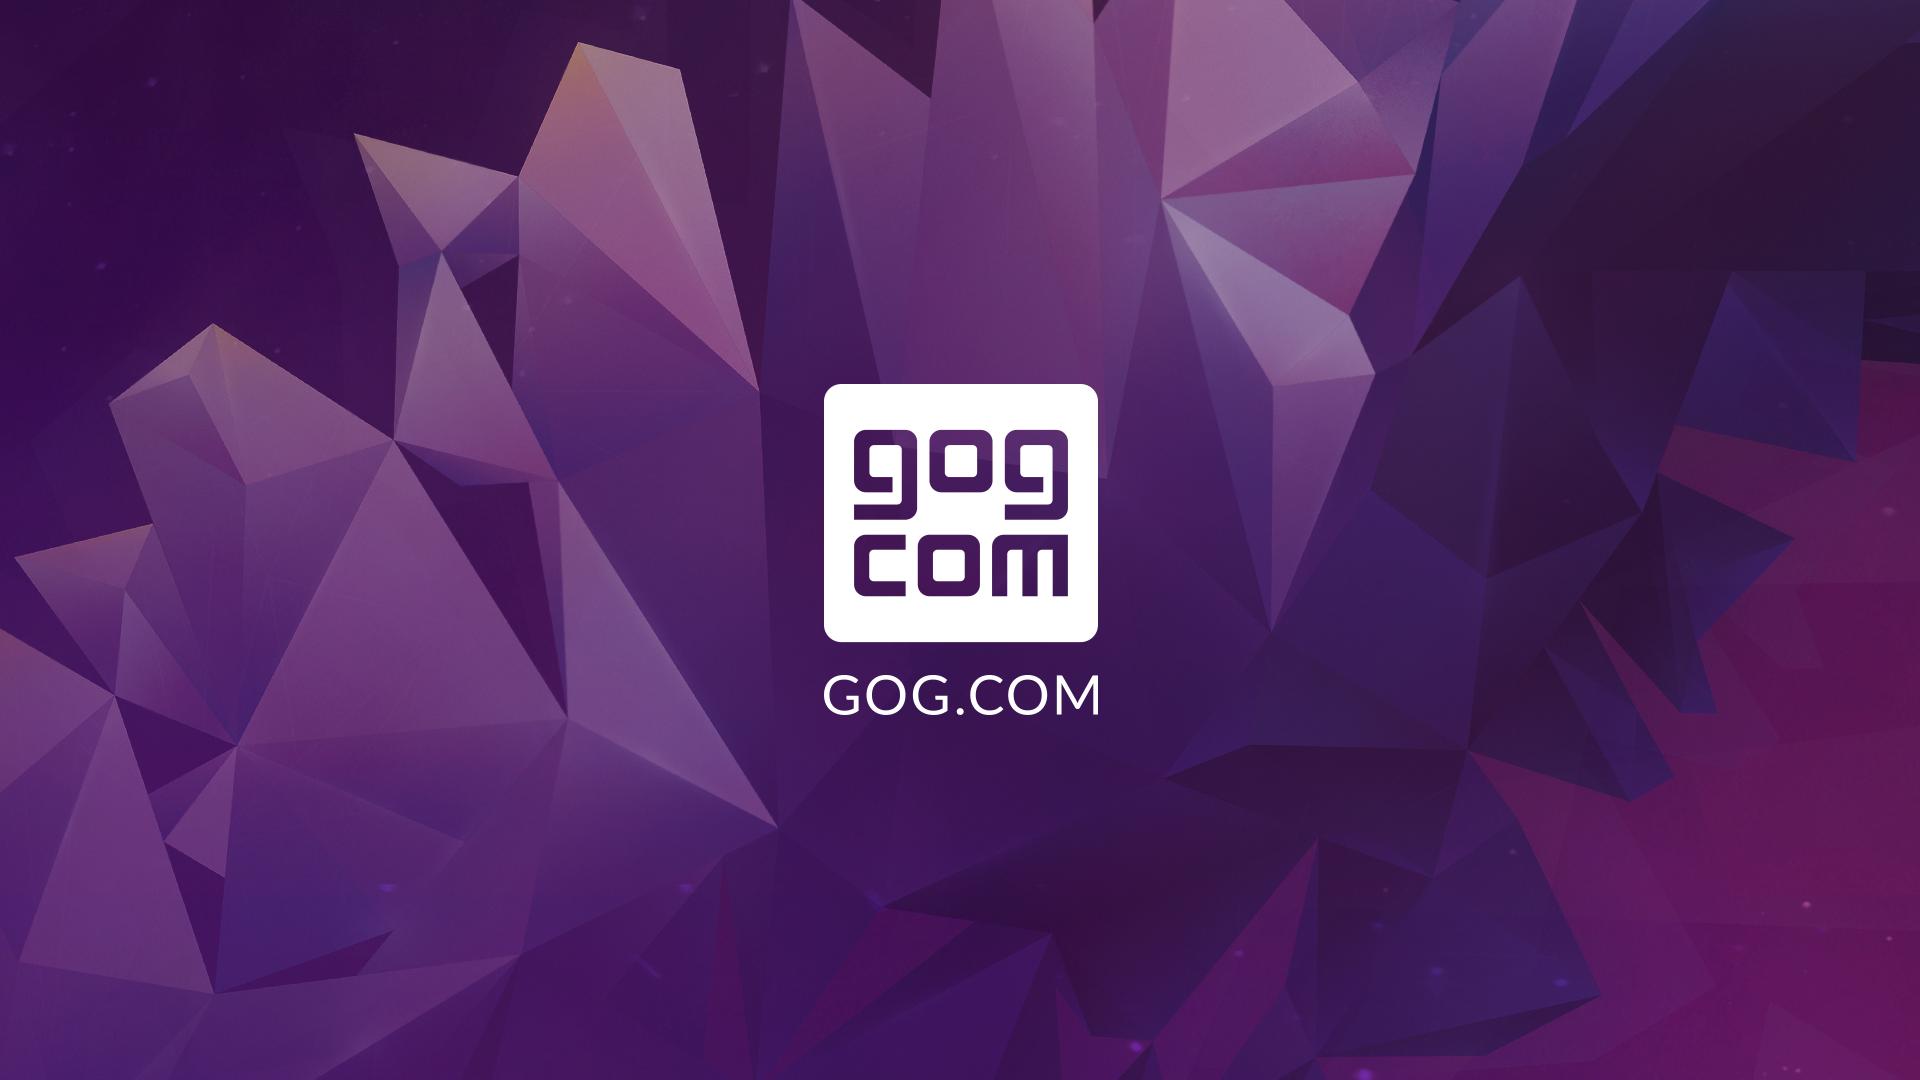 Халява: в GOG стали бесплатными две классические игры для PC